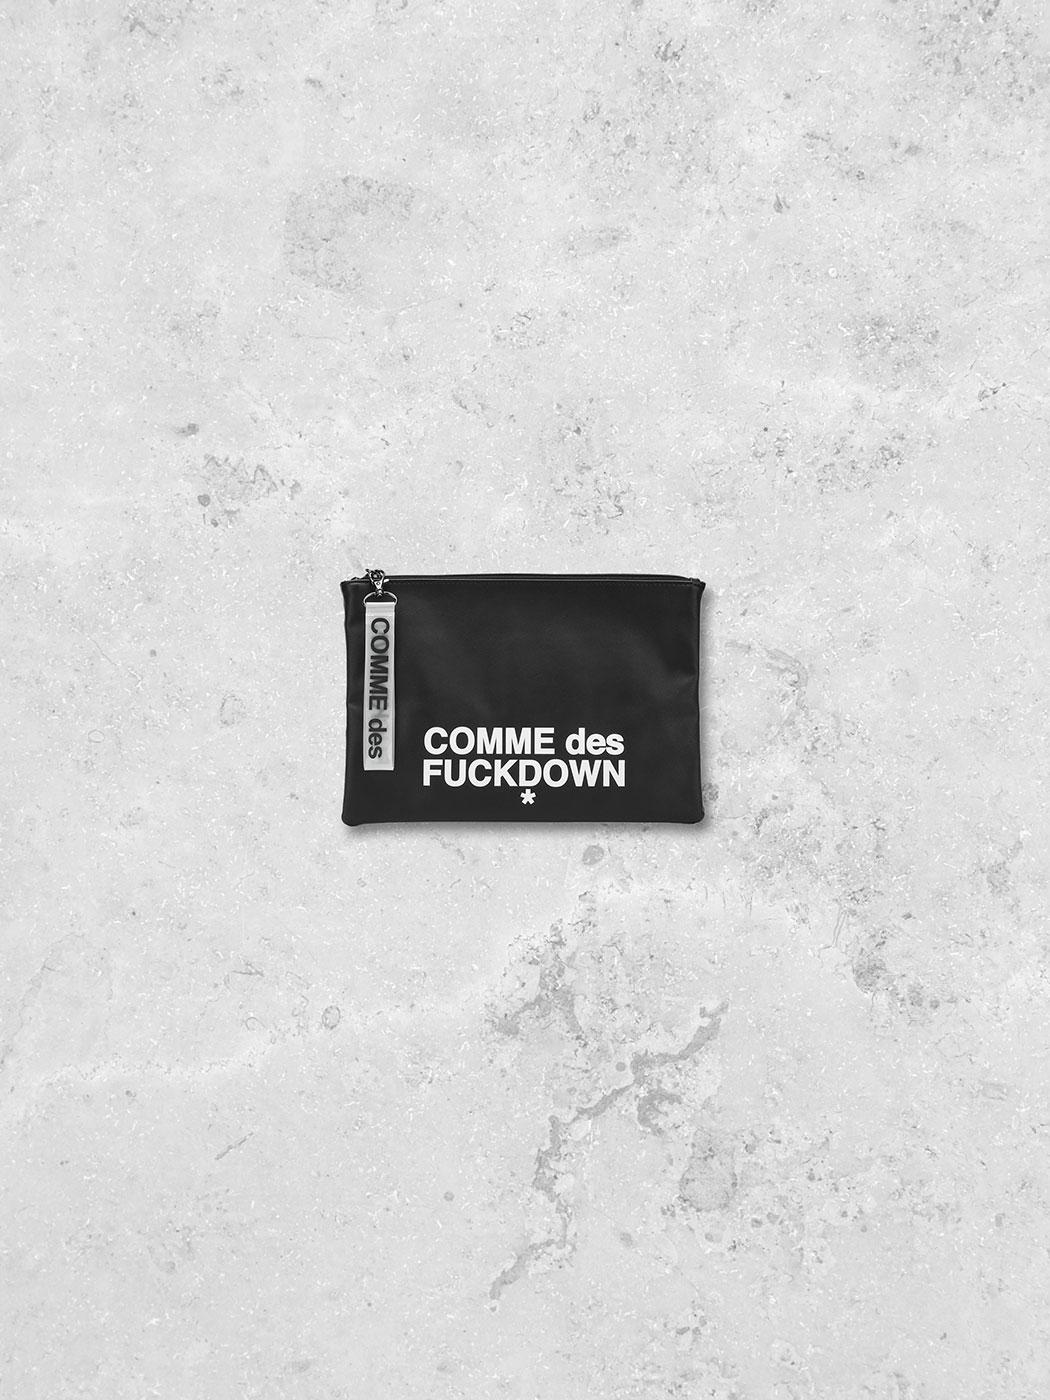 BAG - CDFA529 - COMME DES FKDOWN